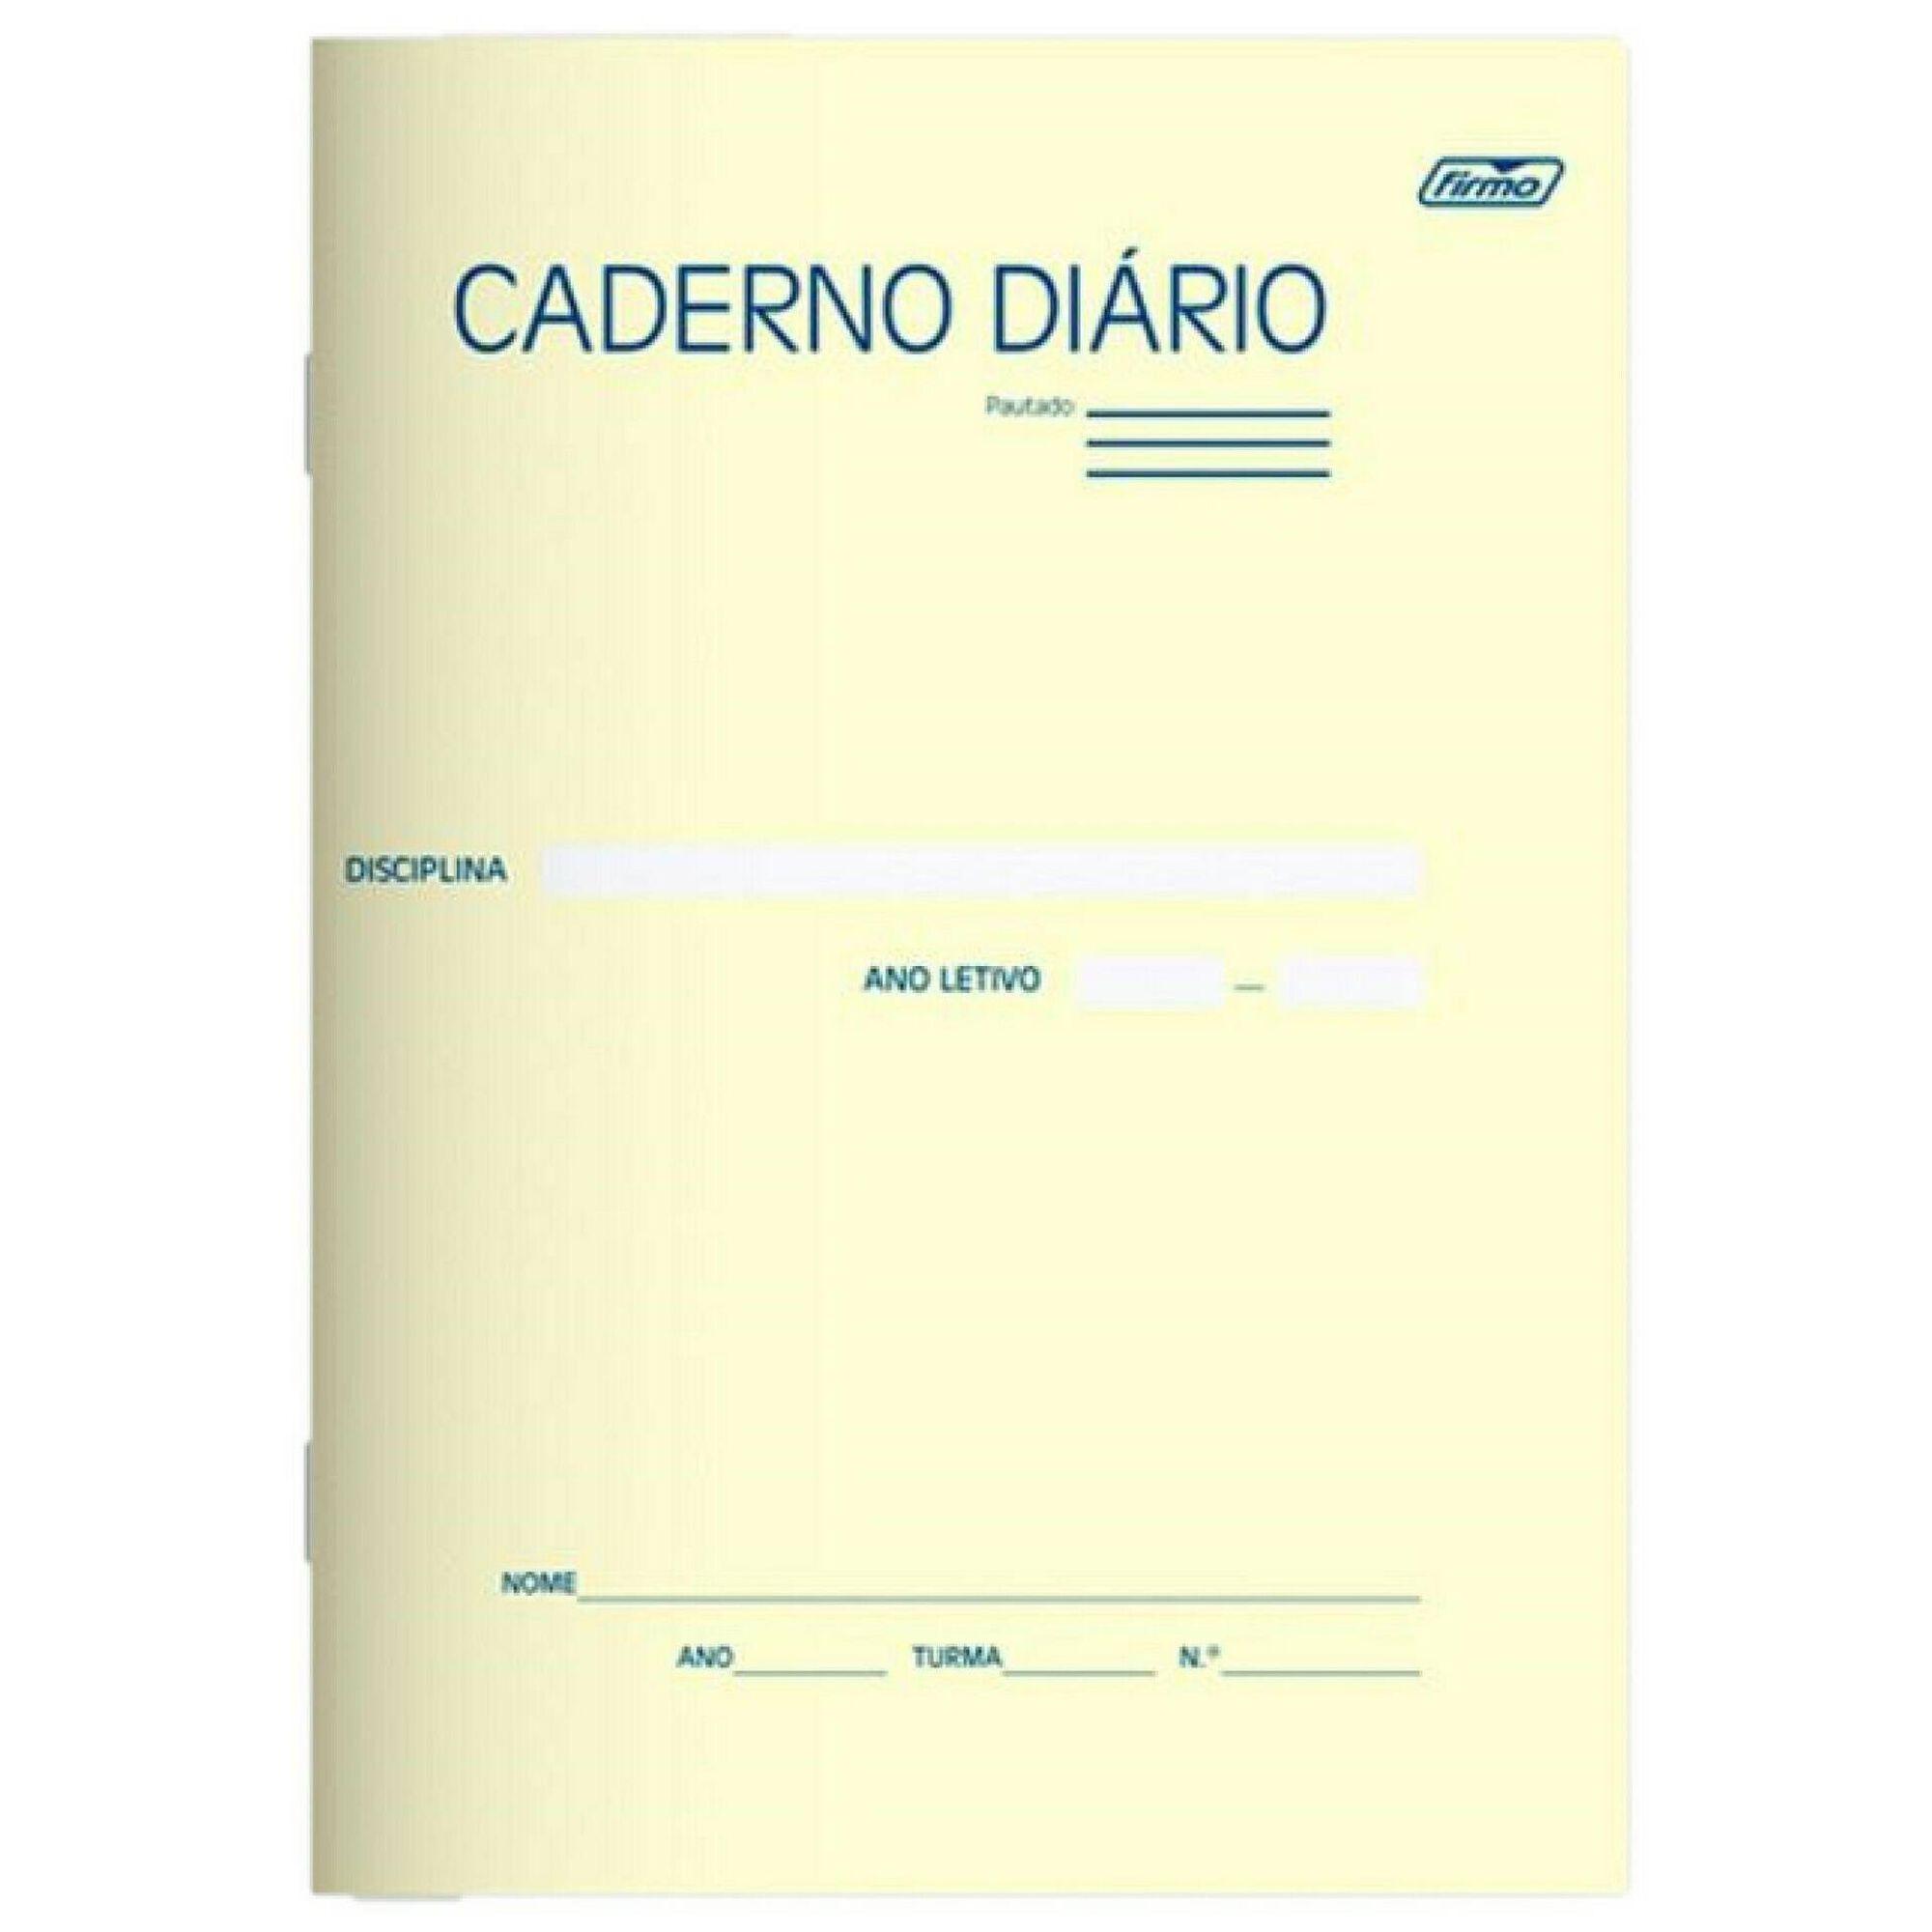 Caderno Diário Agrafado A5 Pautado